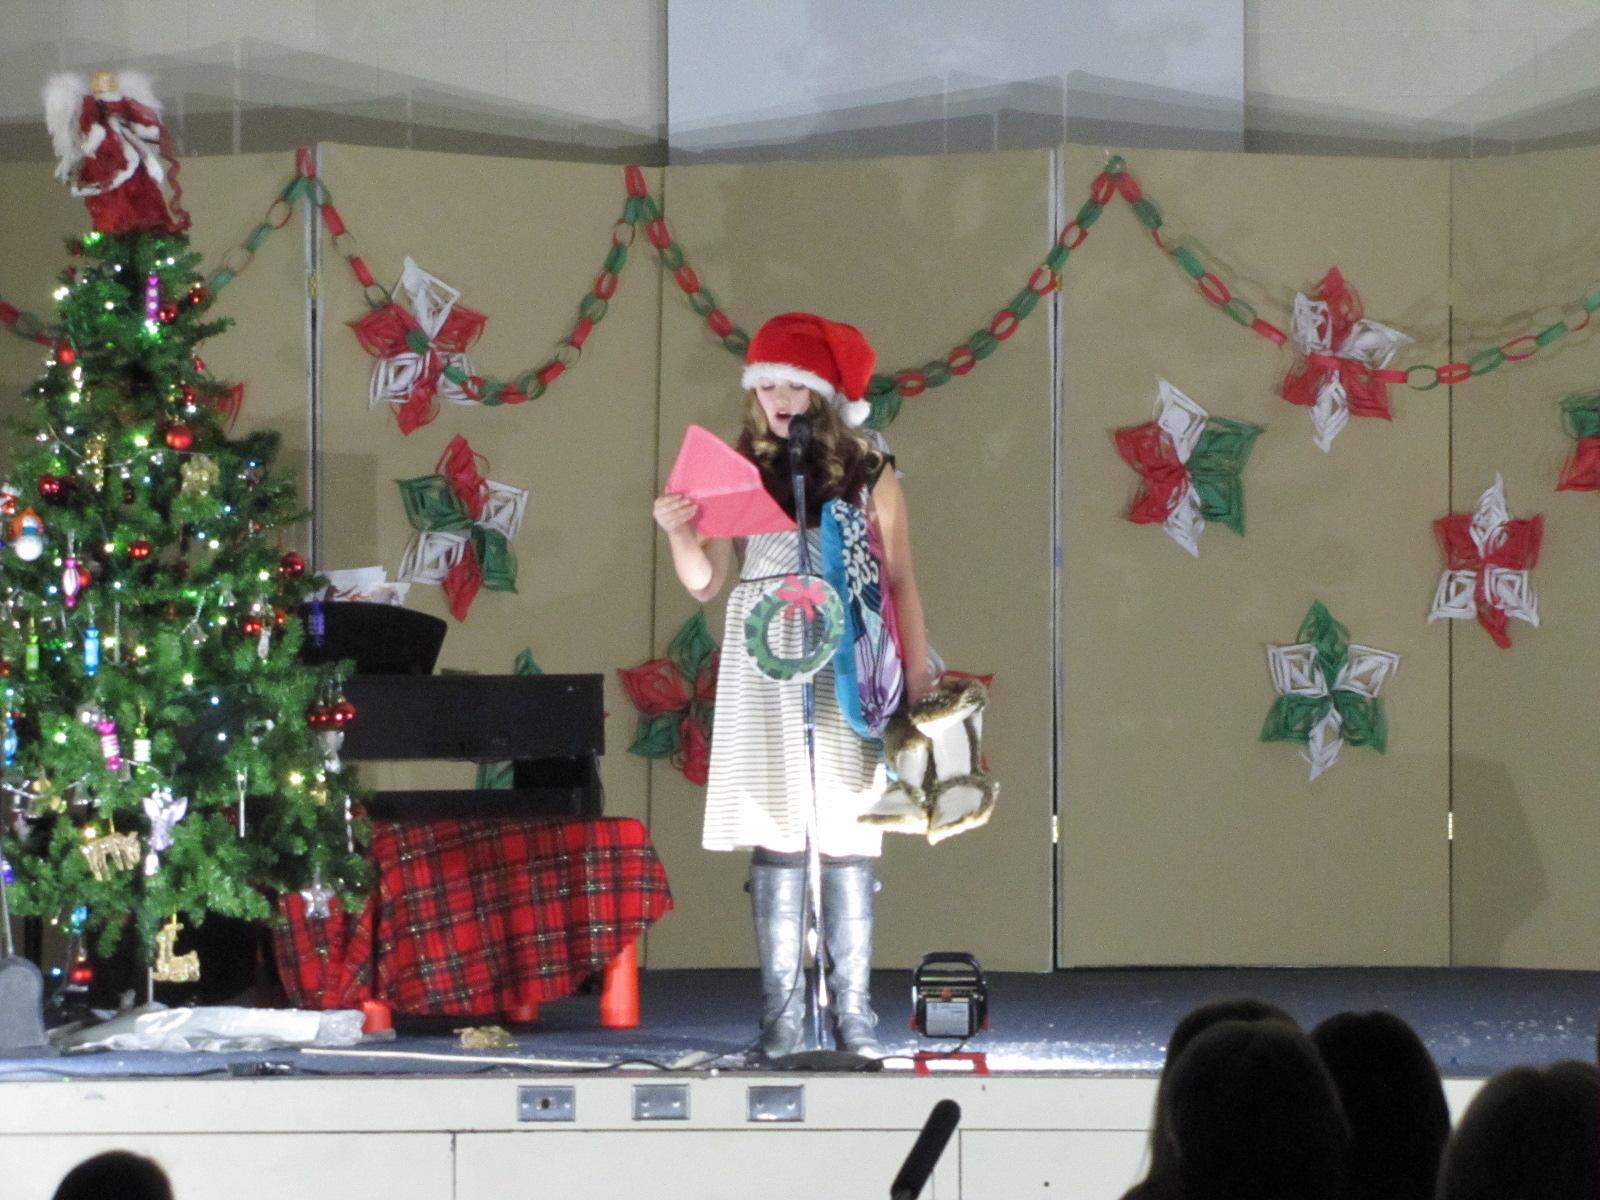 2014-12-17 TV School Christmas Concert 017